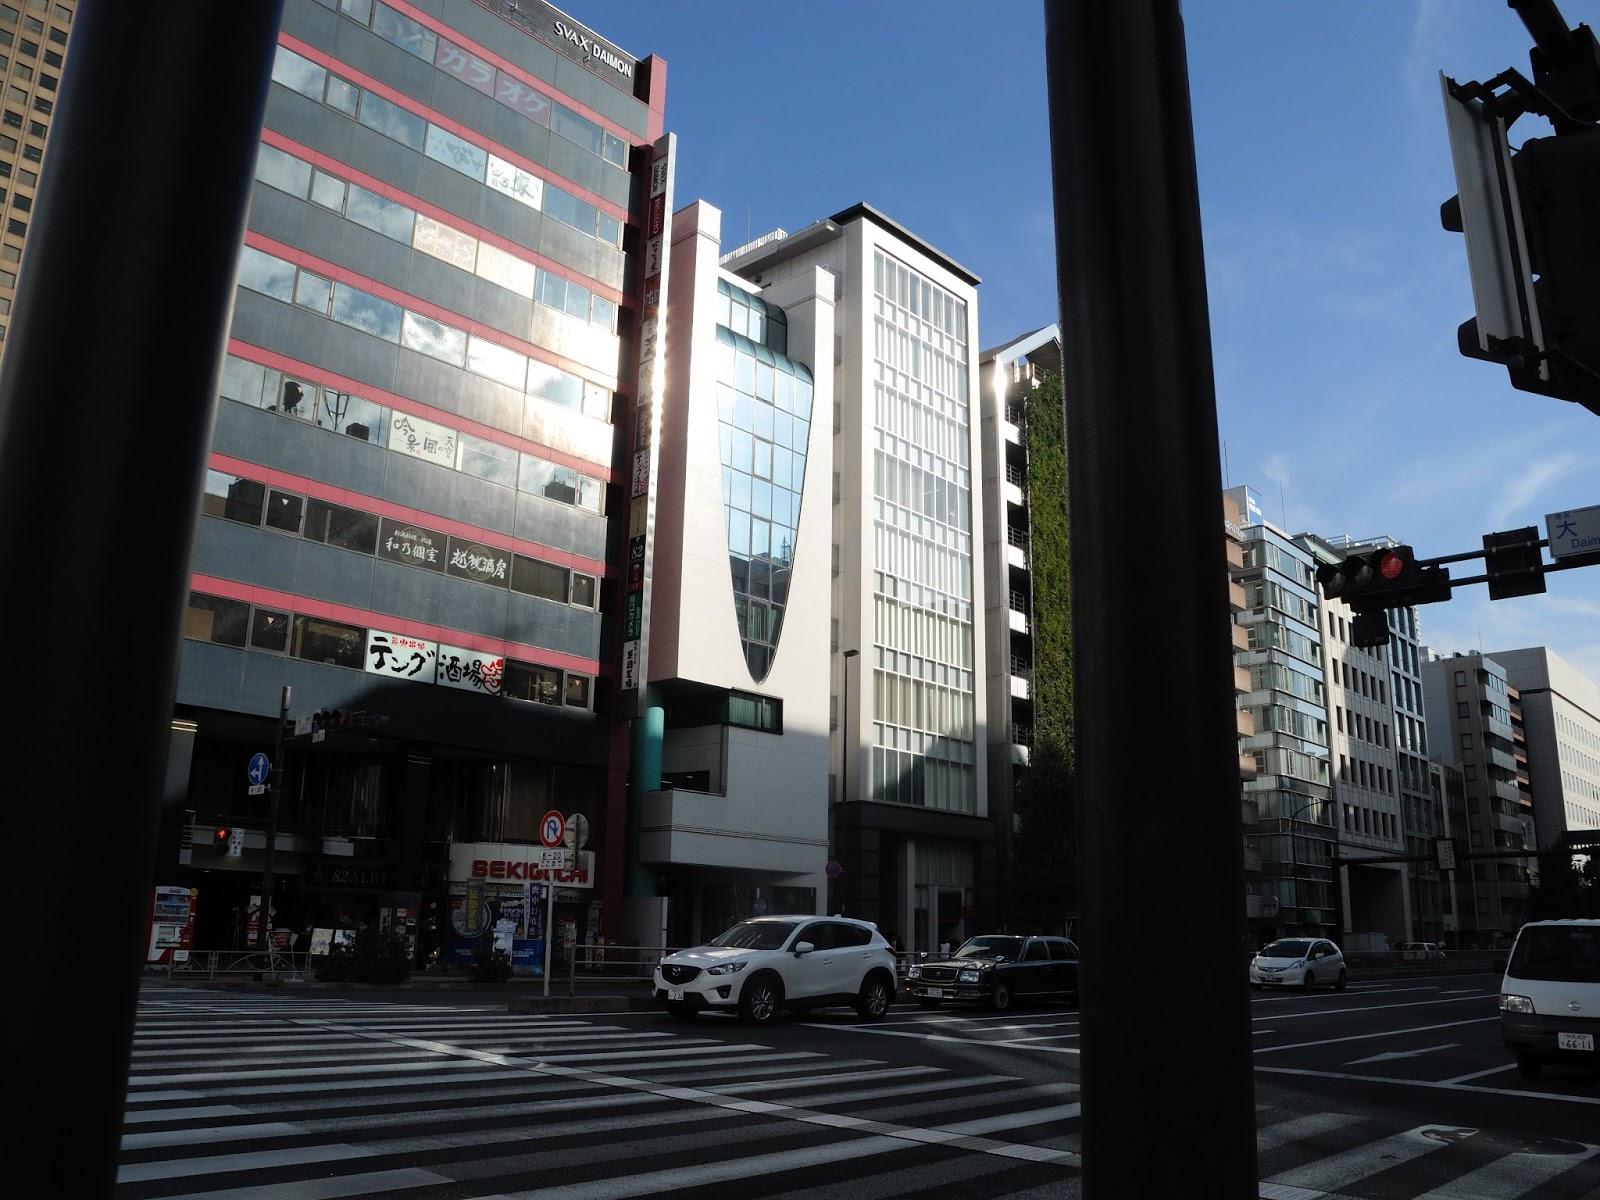 Kayo Kyoku Plus: A Brief History of City Pop by Van Paugam